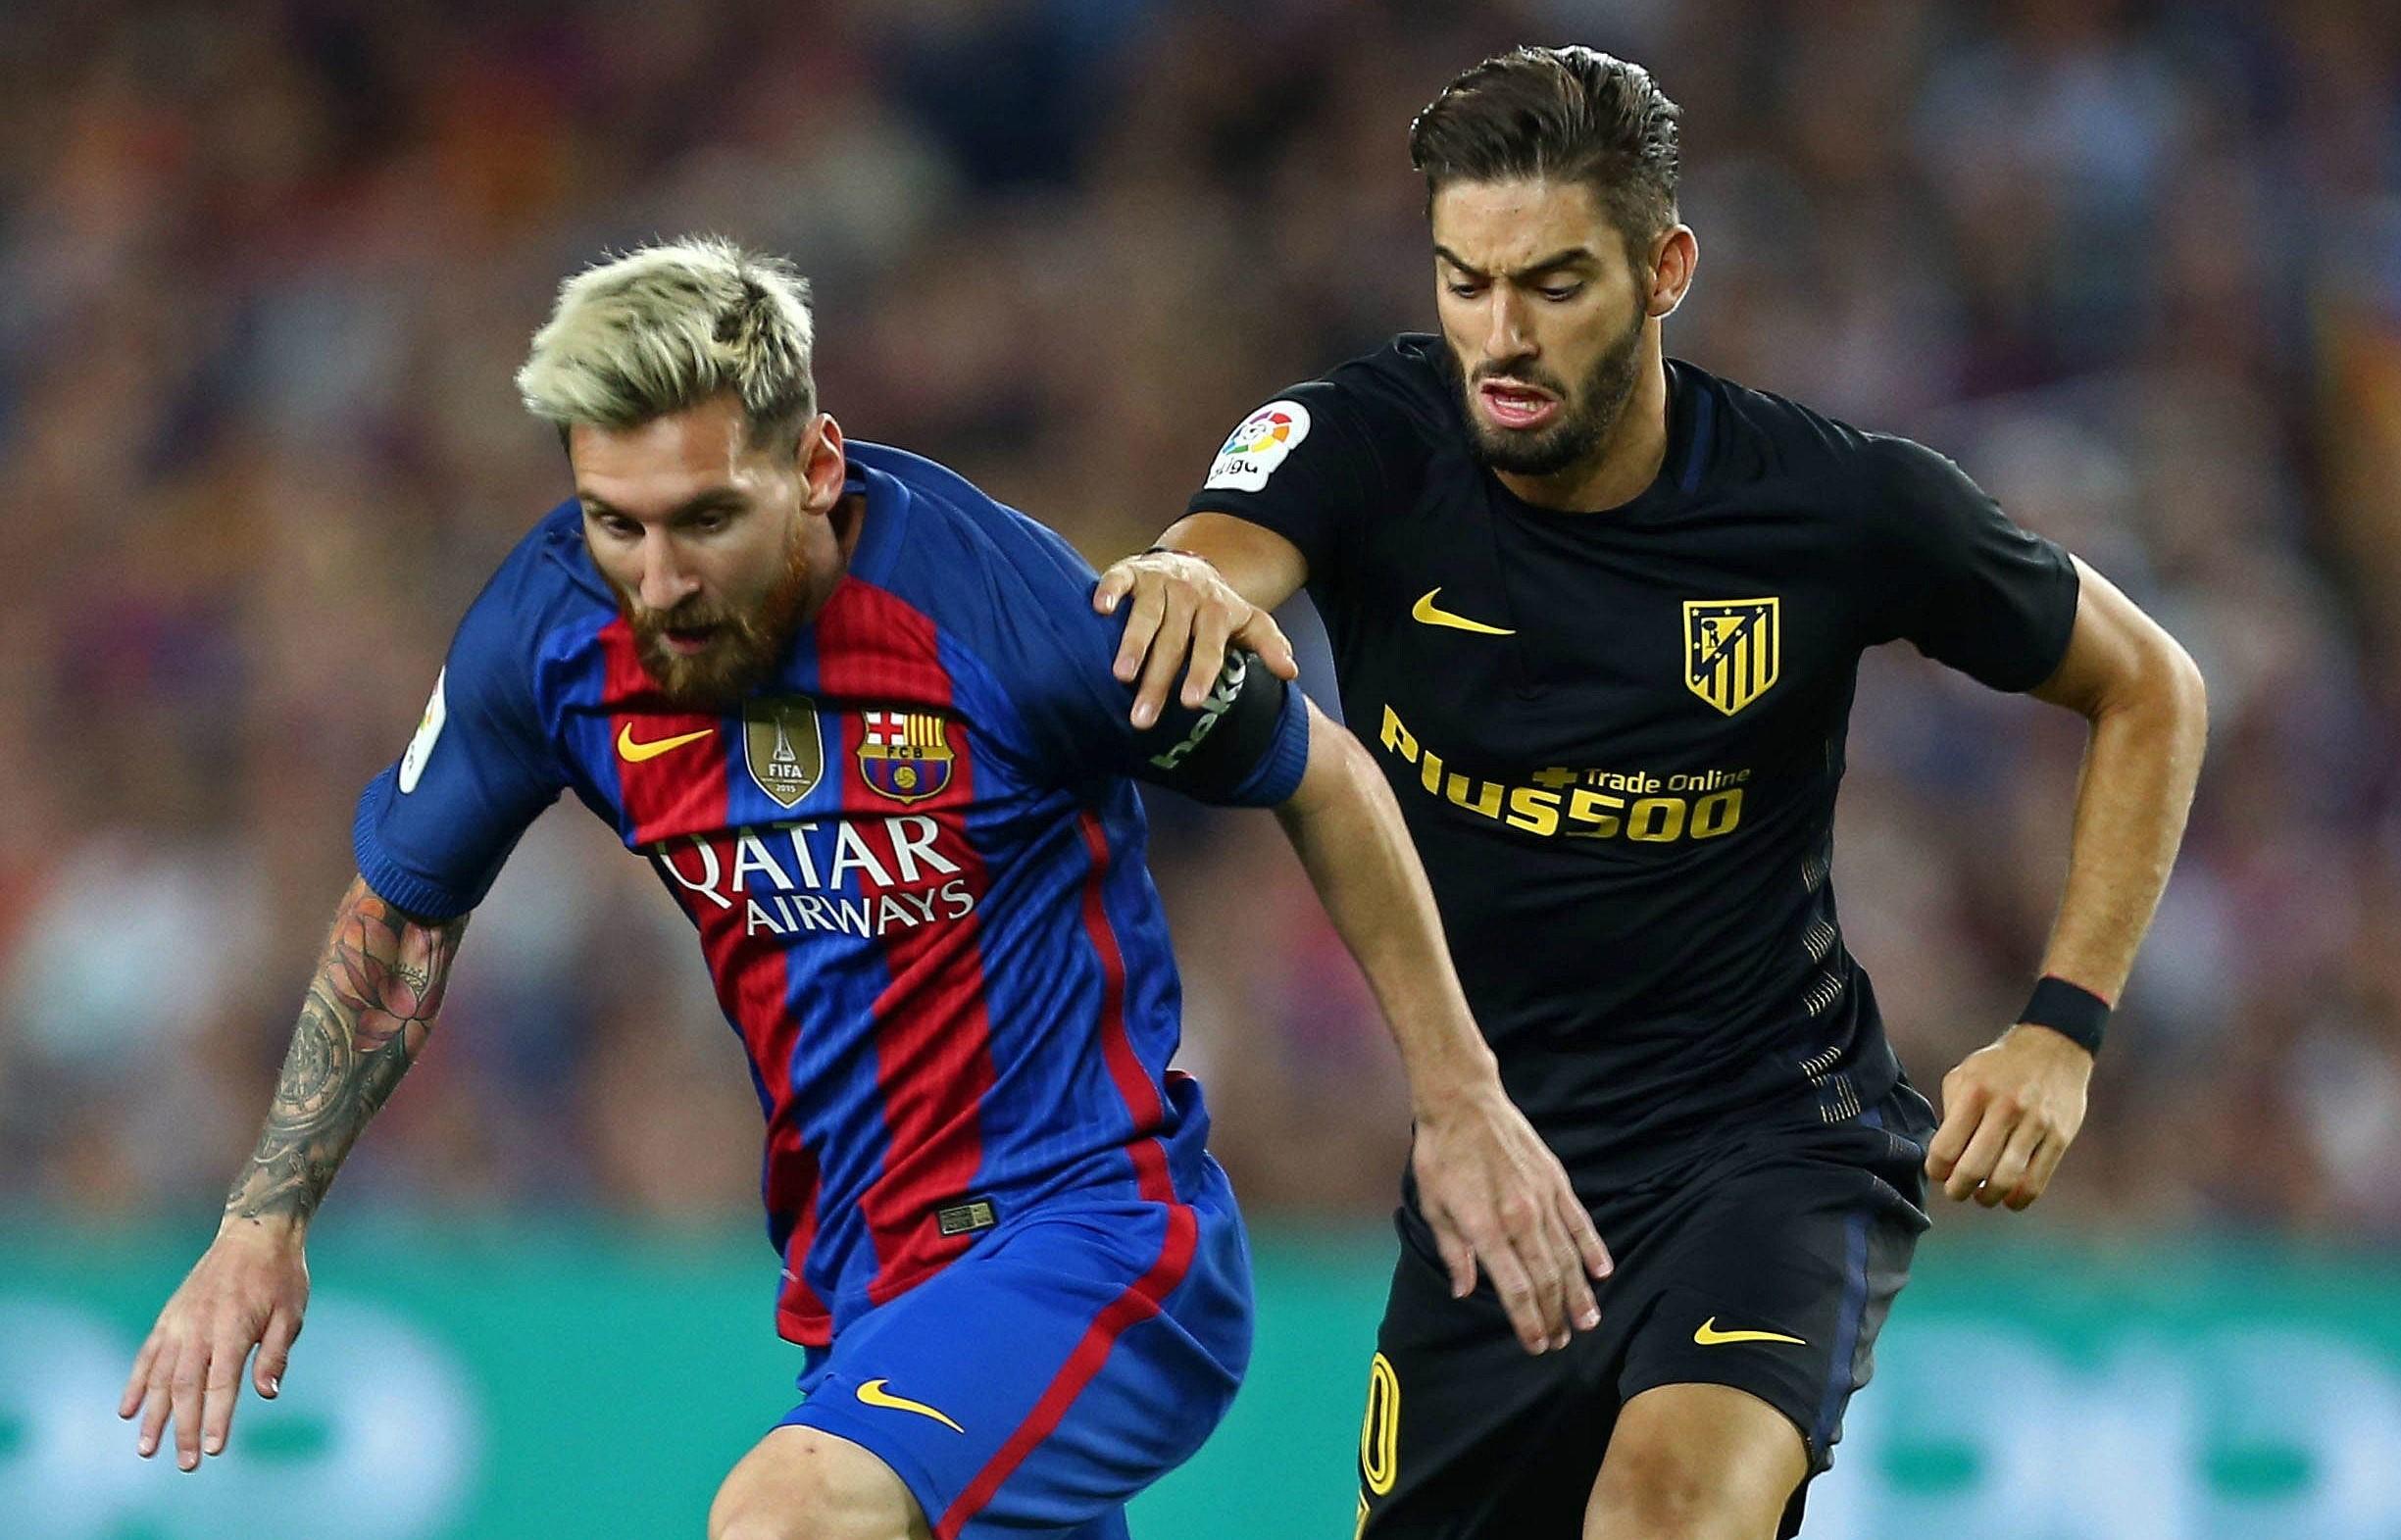 Месси и Карраско, «Барселона» – «Атлетико»